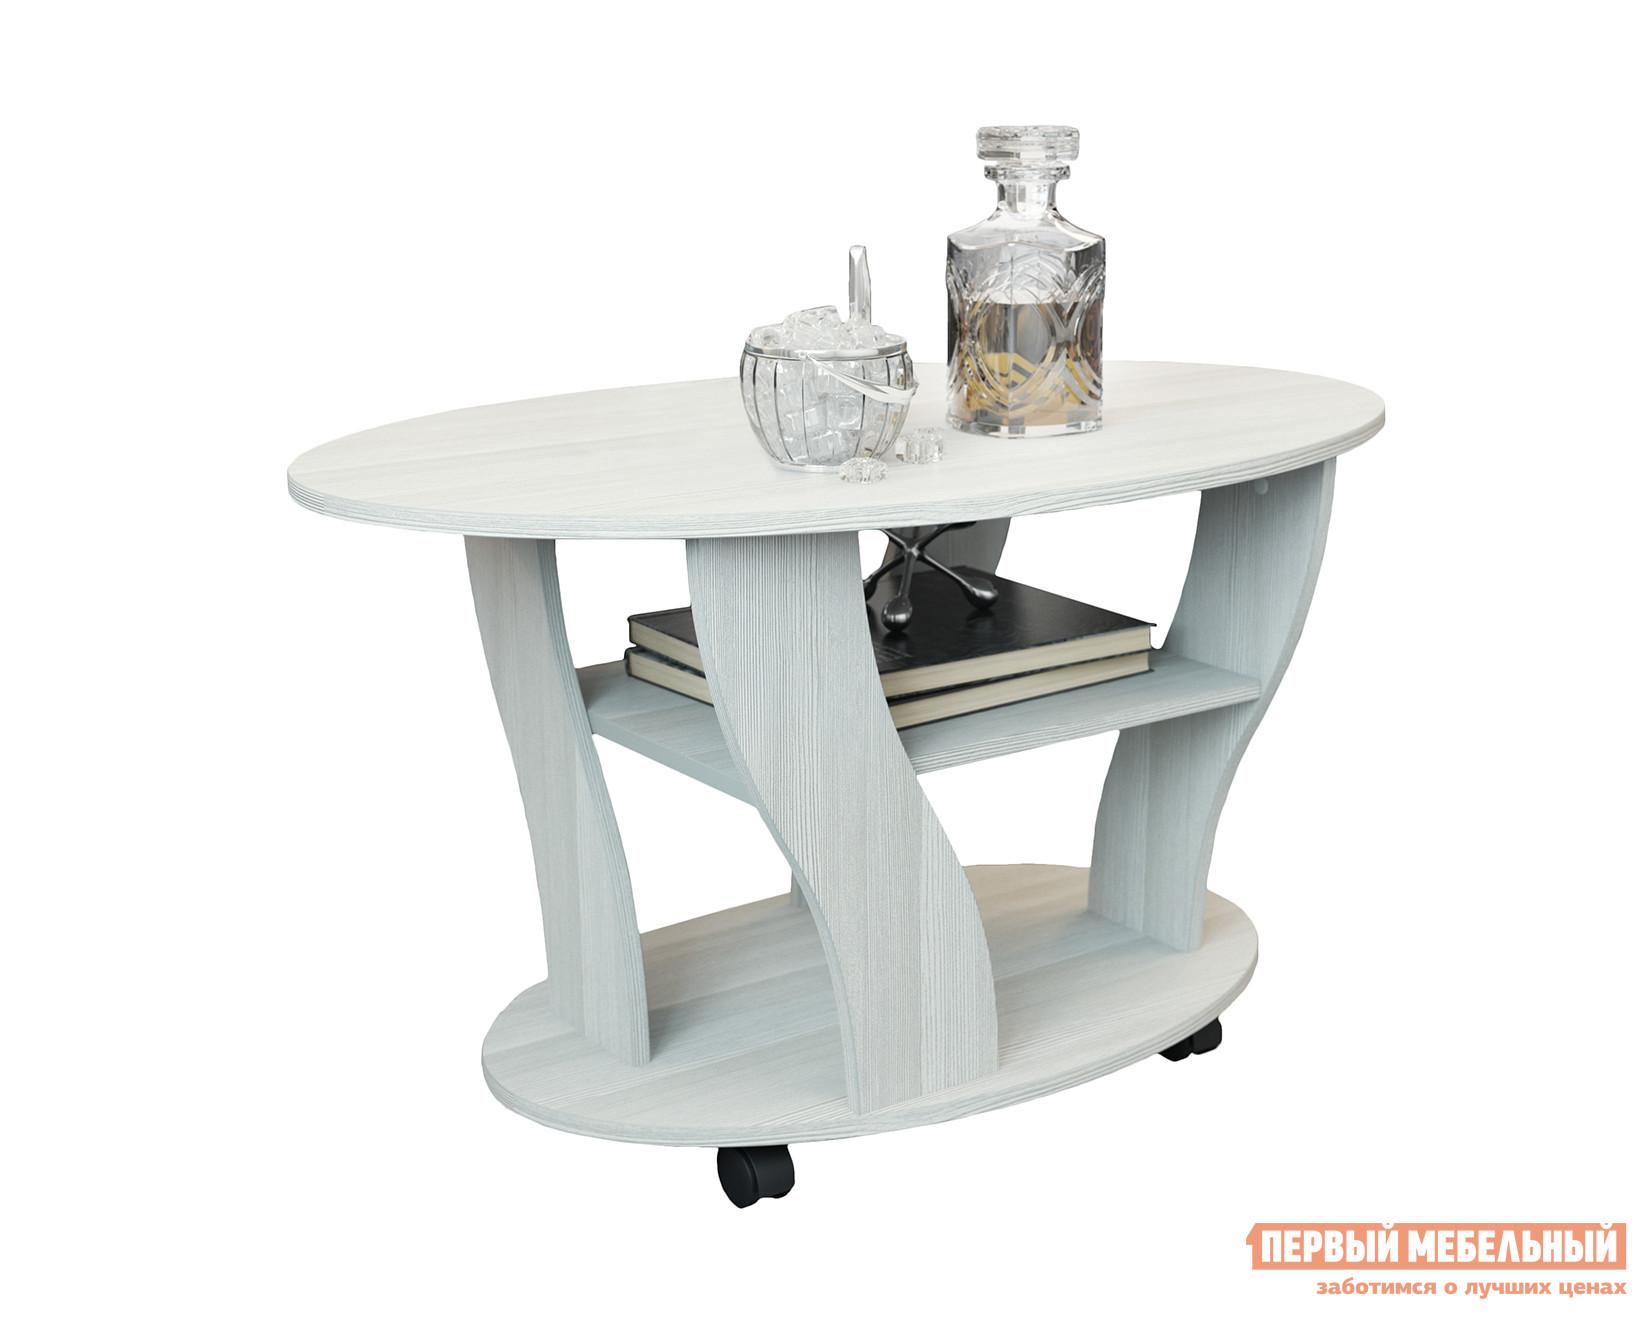 Журнальный столик на колесиках Первый Мебельный Стол журнальный Статус-2